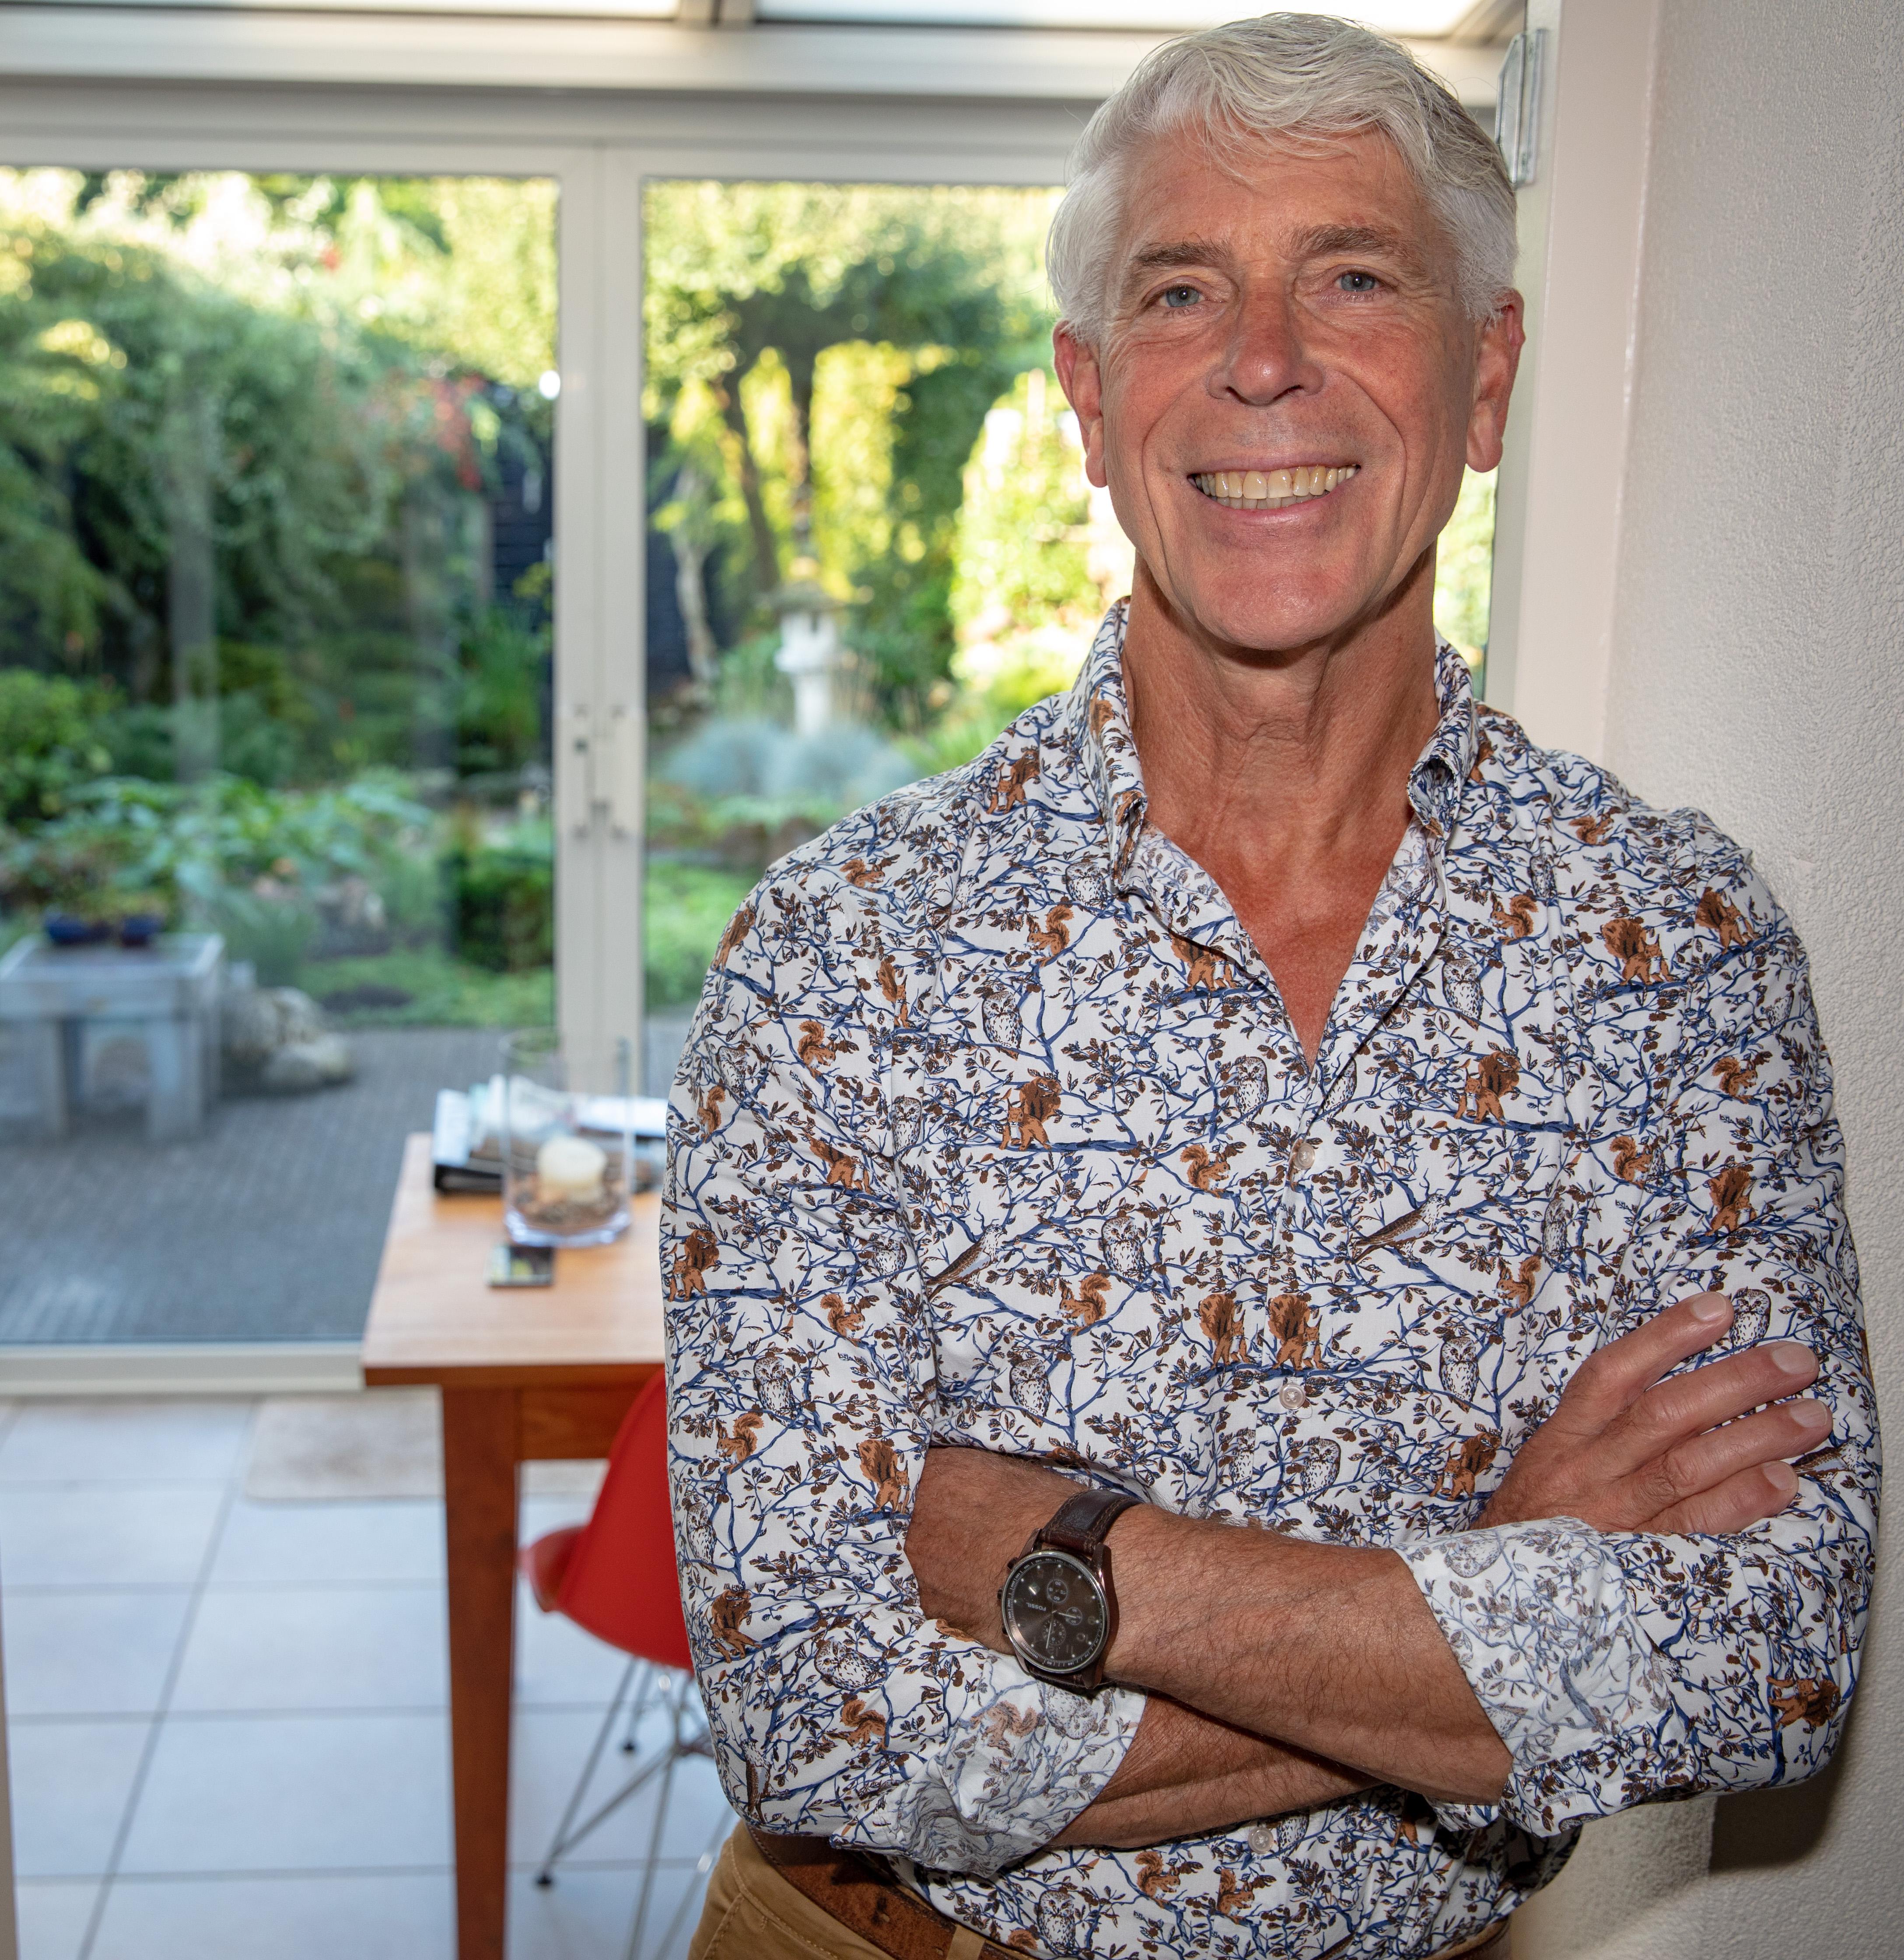 Guido Lamm vindt het heel bijzonder om te merken dat zo veel mensen geraakt worden door zijn liedjes. (foto Vincent de Vries/ Rodi Media)